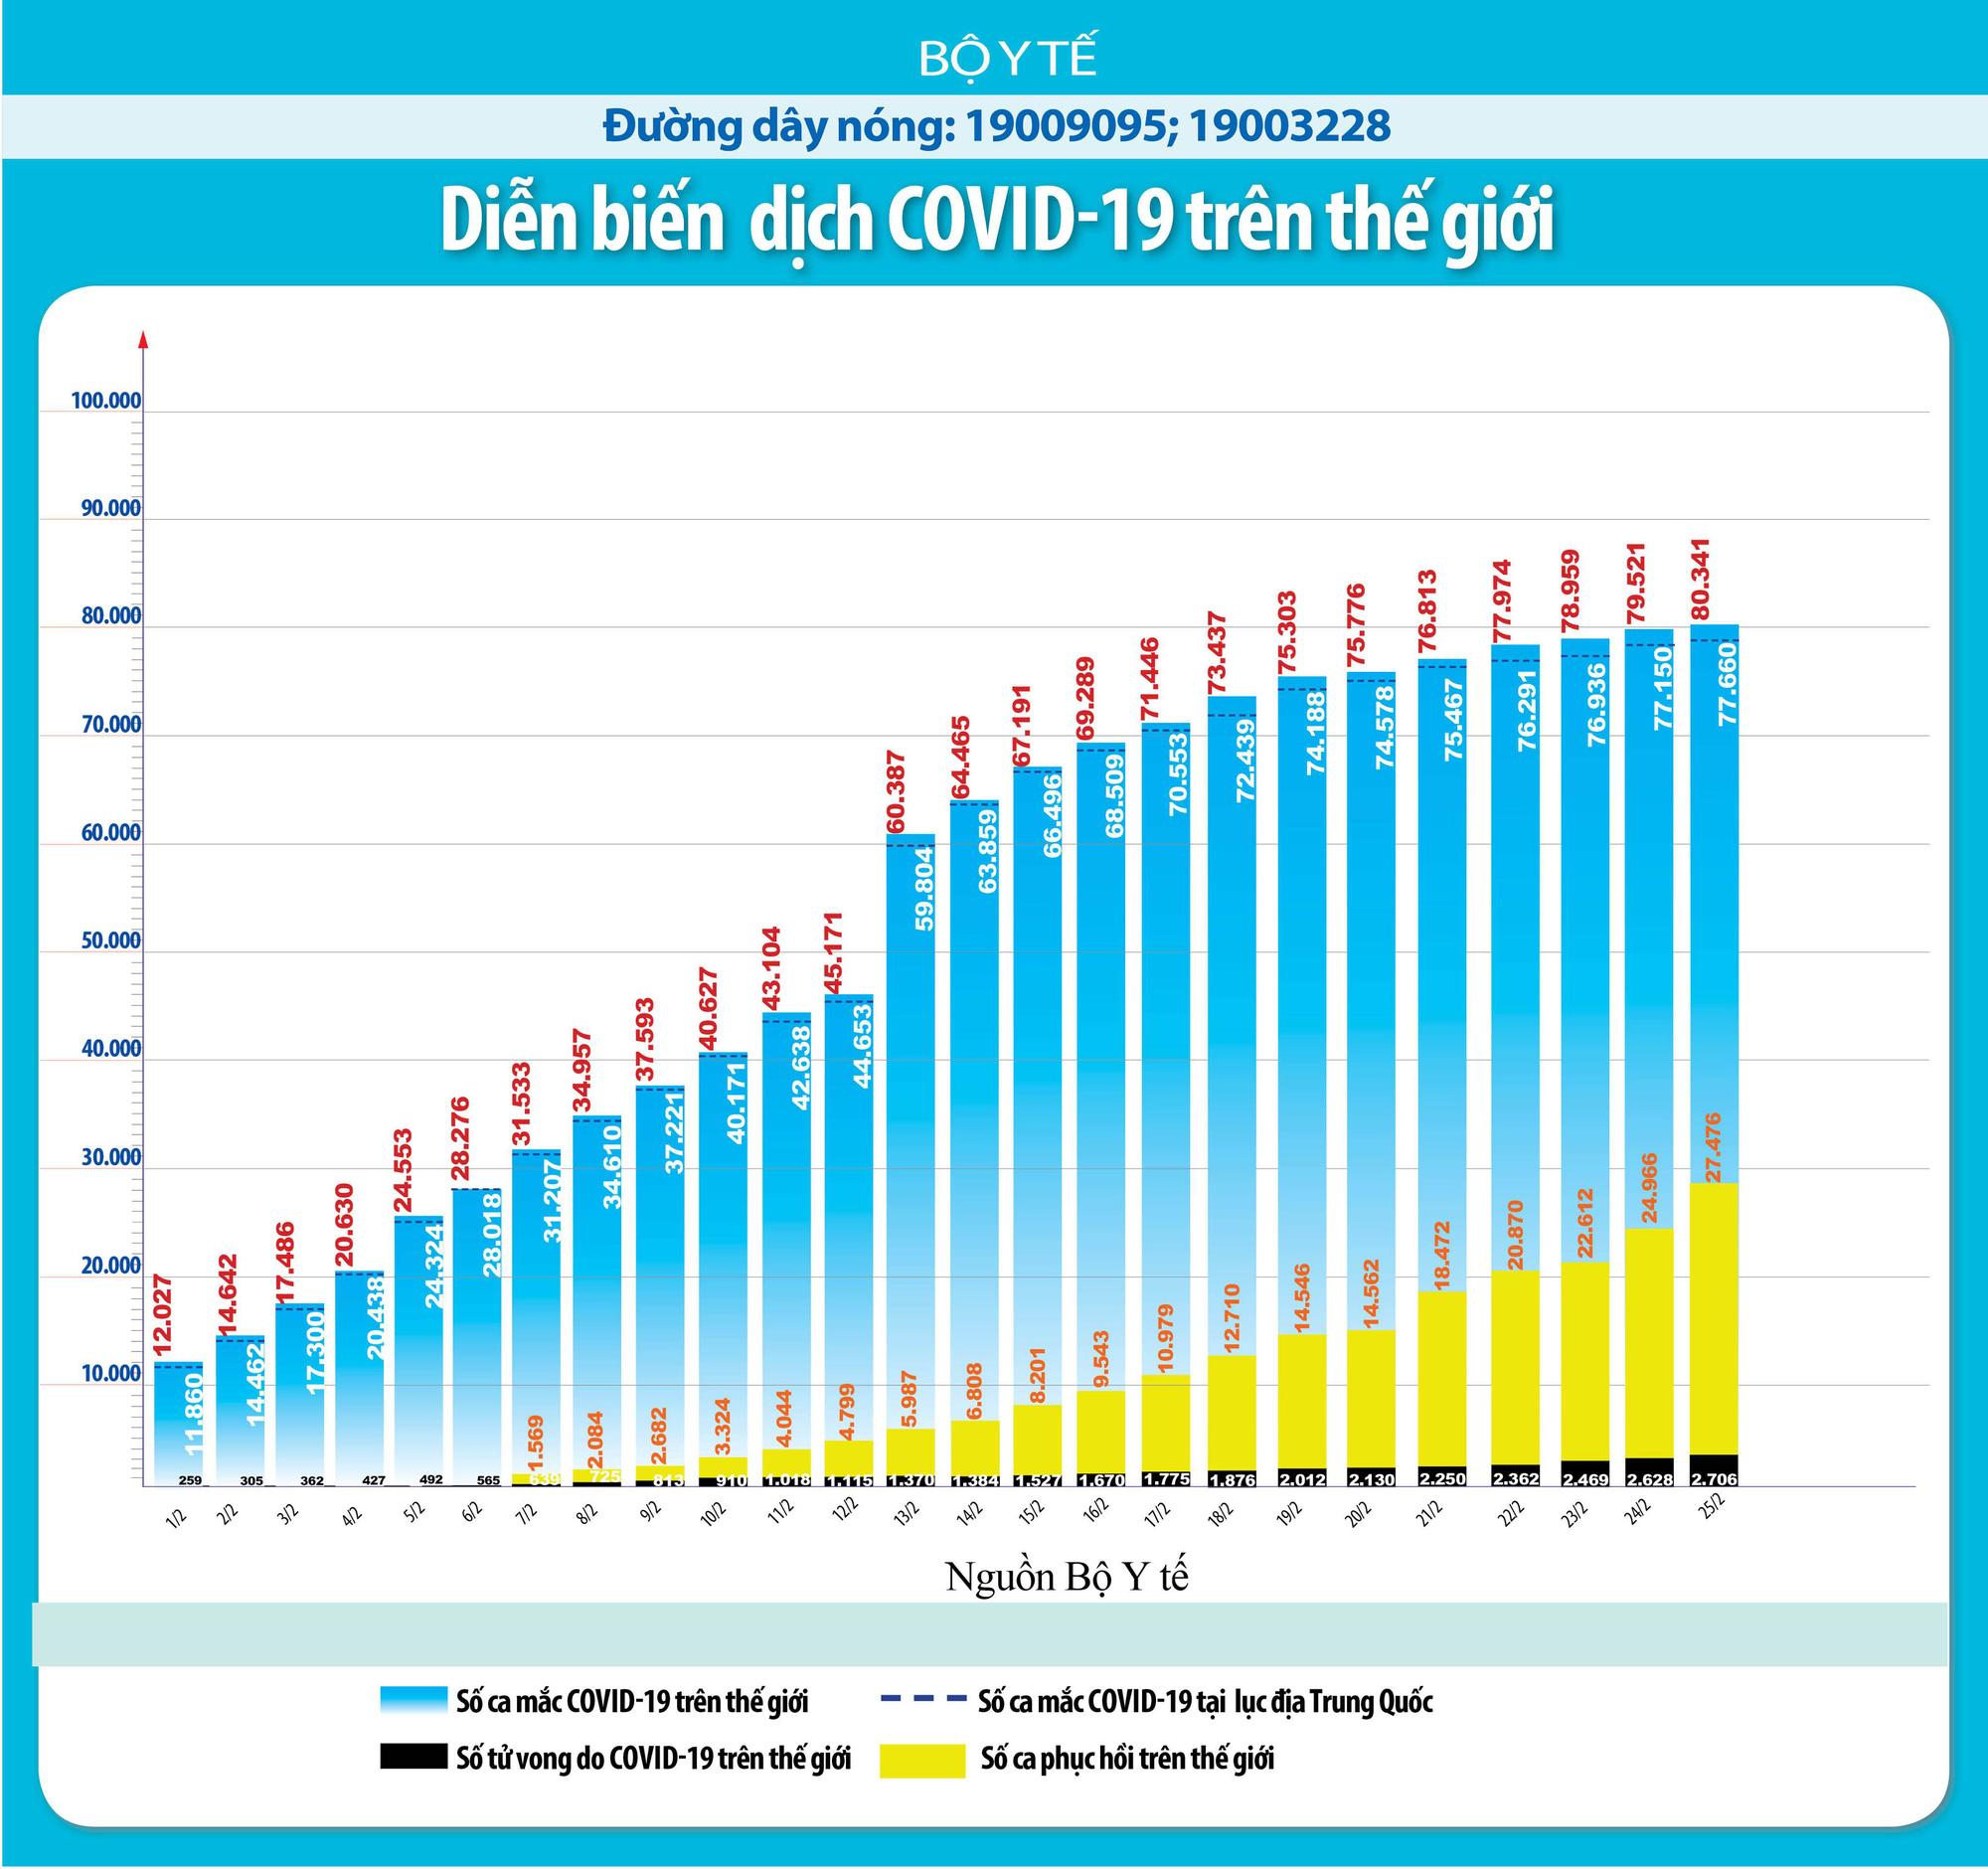 Thông tin mới nhất về dịch virus corona (Covid-19) tối 26/2: Người cuối cùng dương tính tại Việt Nam xuất viện, số ca nhiễm ở Hàn Quốc tăng lên 2.961 người - Ảnh 1.